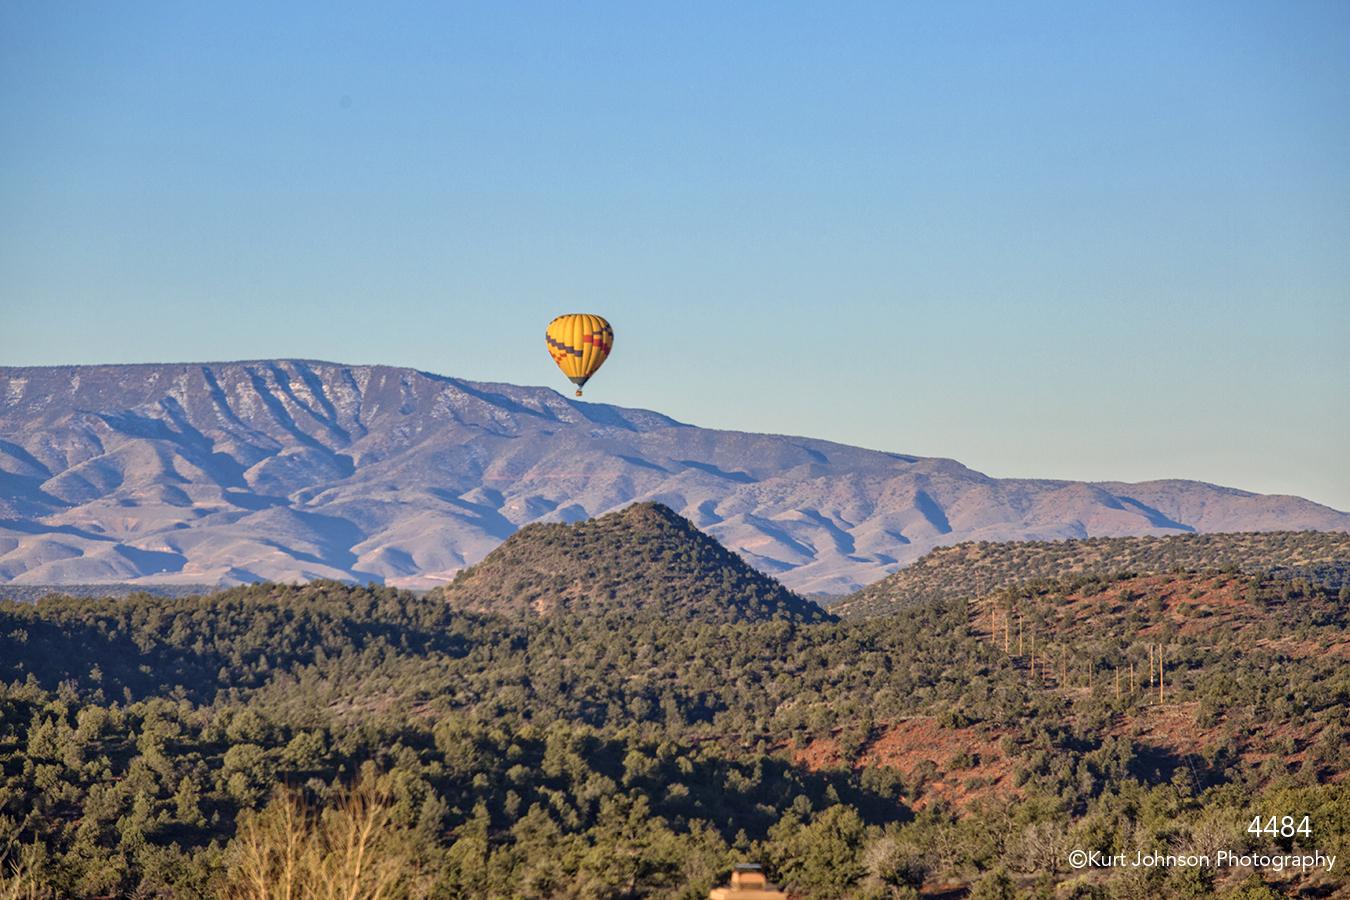 southwest landscape balloon rocks desert blue sky